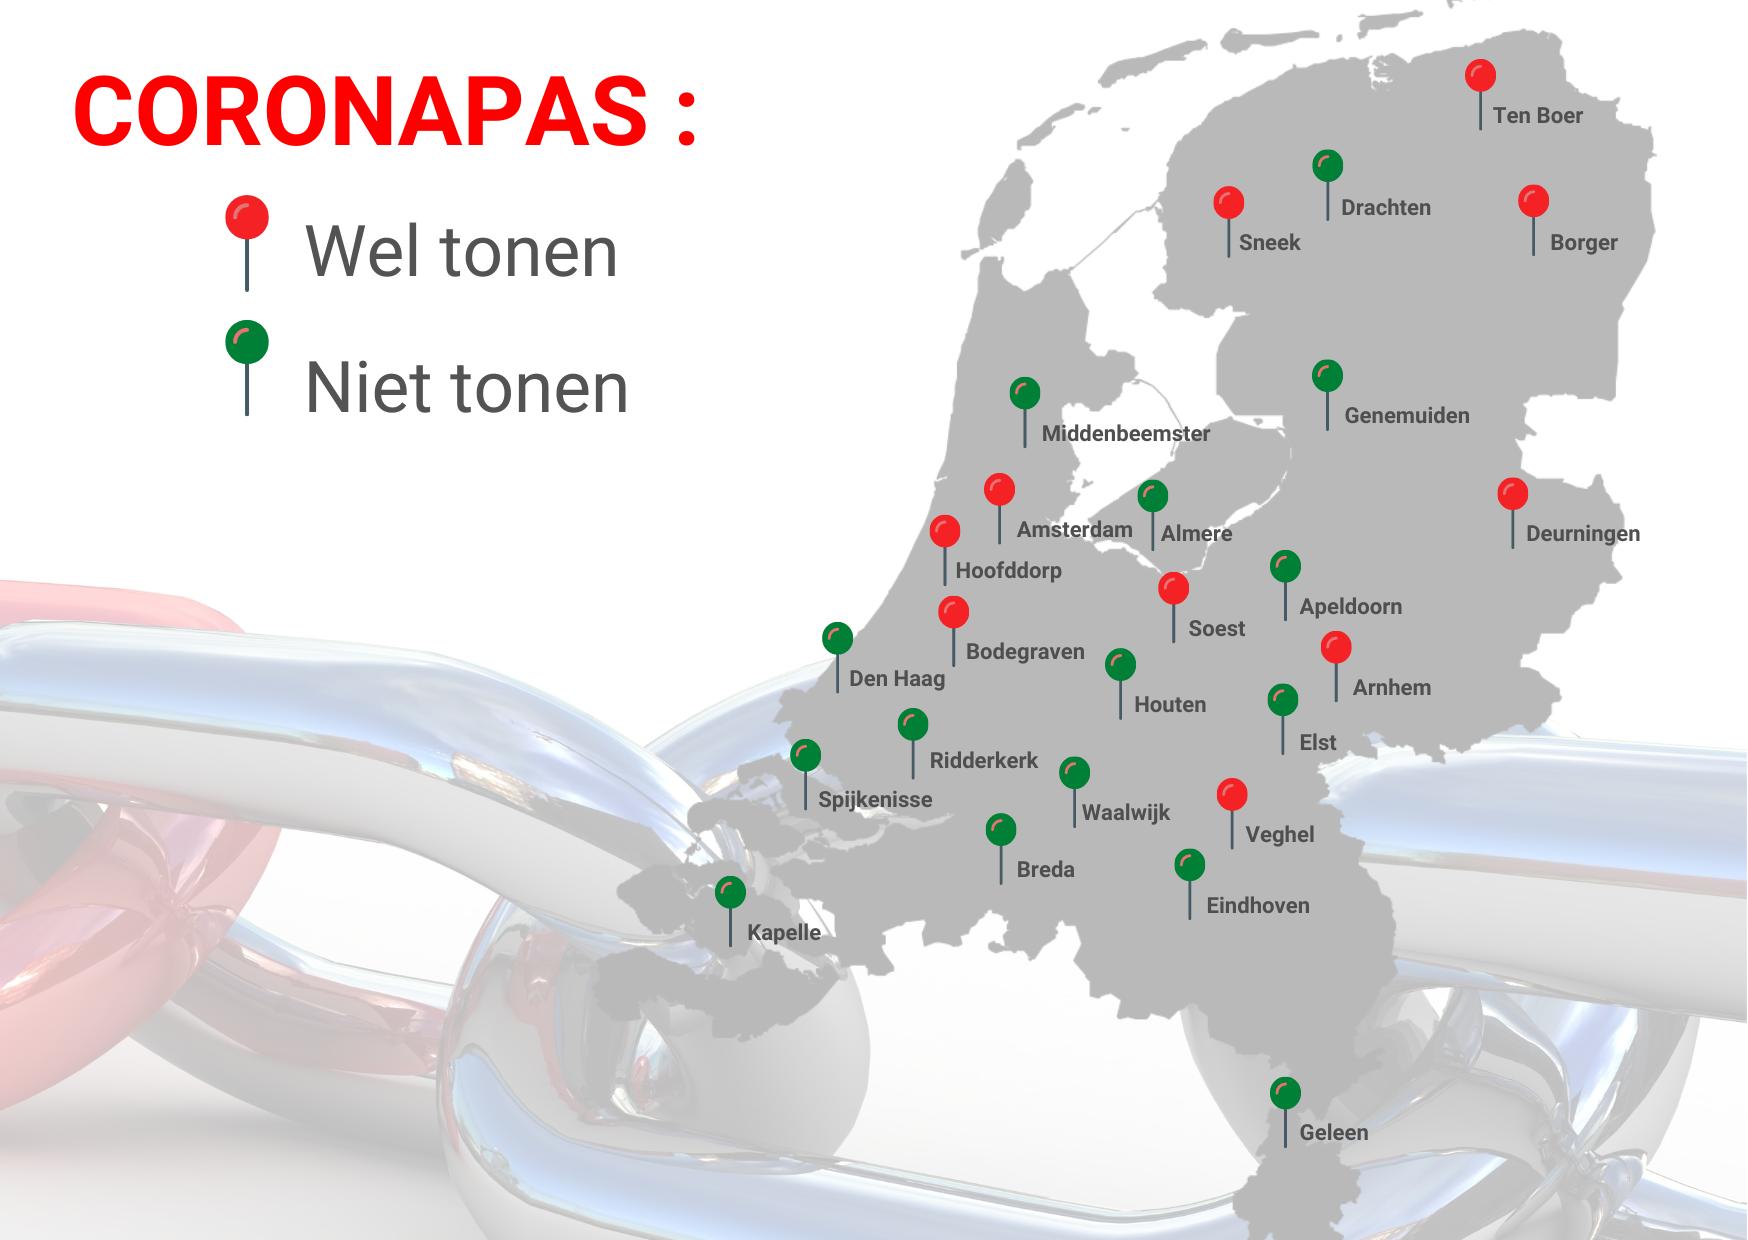 coronapas per locatie in nederland combikr8 veiligheid opleidingen BHV VCA Logistiek